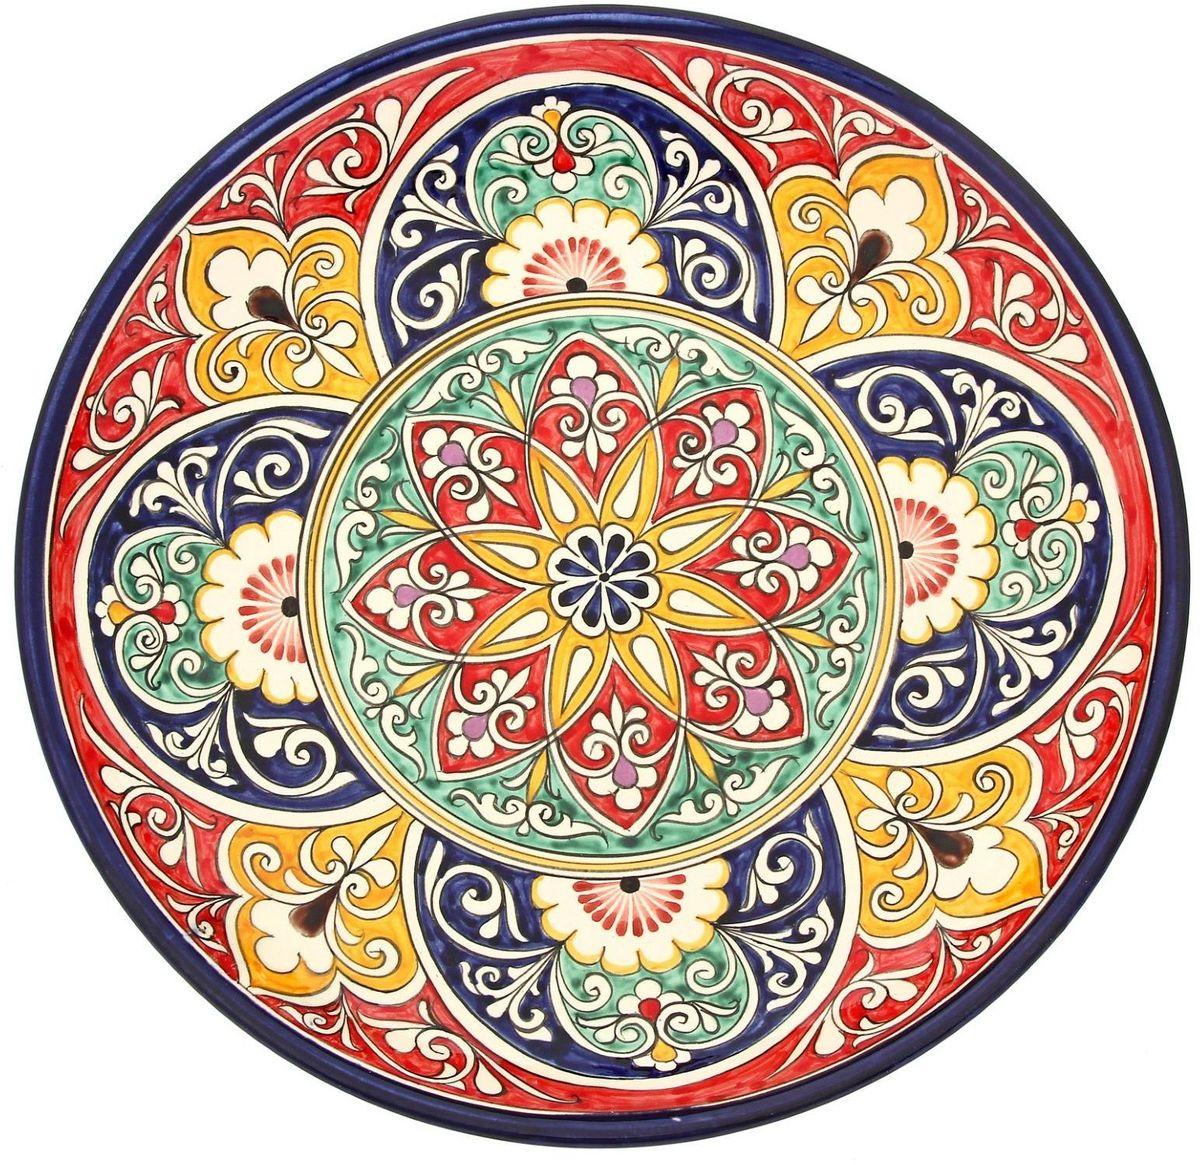 """Ляган """"Риштанская керамика"""" — это не просто обеденный атрибут, это украшение стола. Посуда с национальной росписью станет отменным подарком для ценителей высокородной посуды. Риштан — город на востоке Узбекистана, один из древнейших в Ферганской долине. С давних времен Риштан славится своим гончарным искусством изготовления цветной керамики. Красноватую глину для изделия добывают в самом городе. Мастера утверждают, что их глина настолько высокого качества, что даже не нуждается в предварительной обработке. Дополните коллекцию кухонных аксессуаров пряными восточными нотами."""